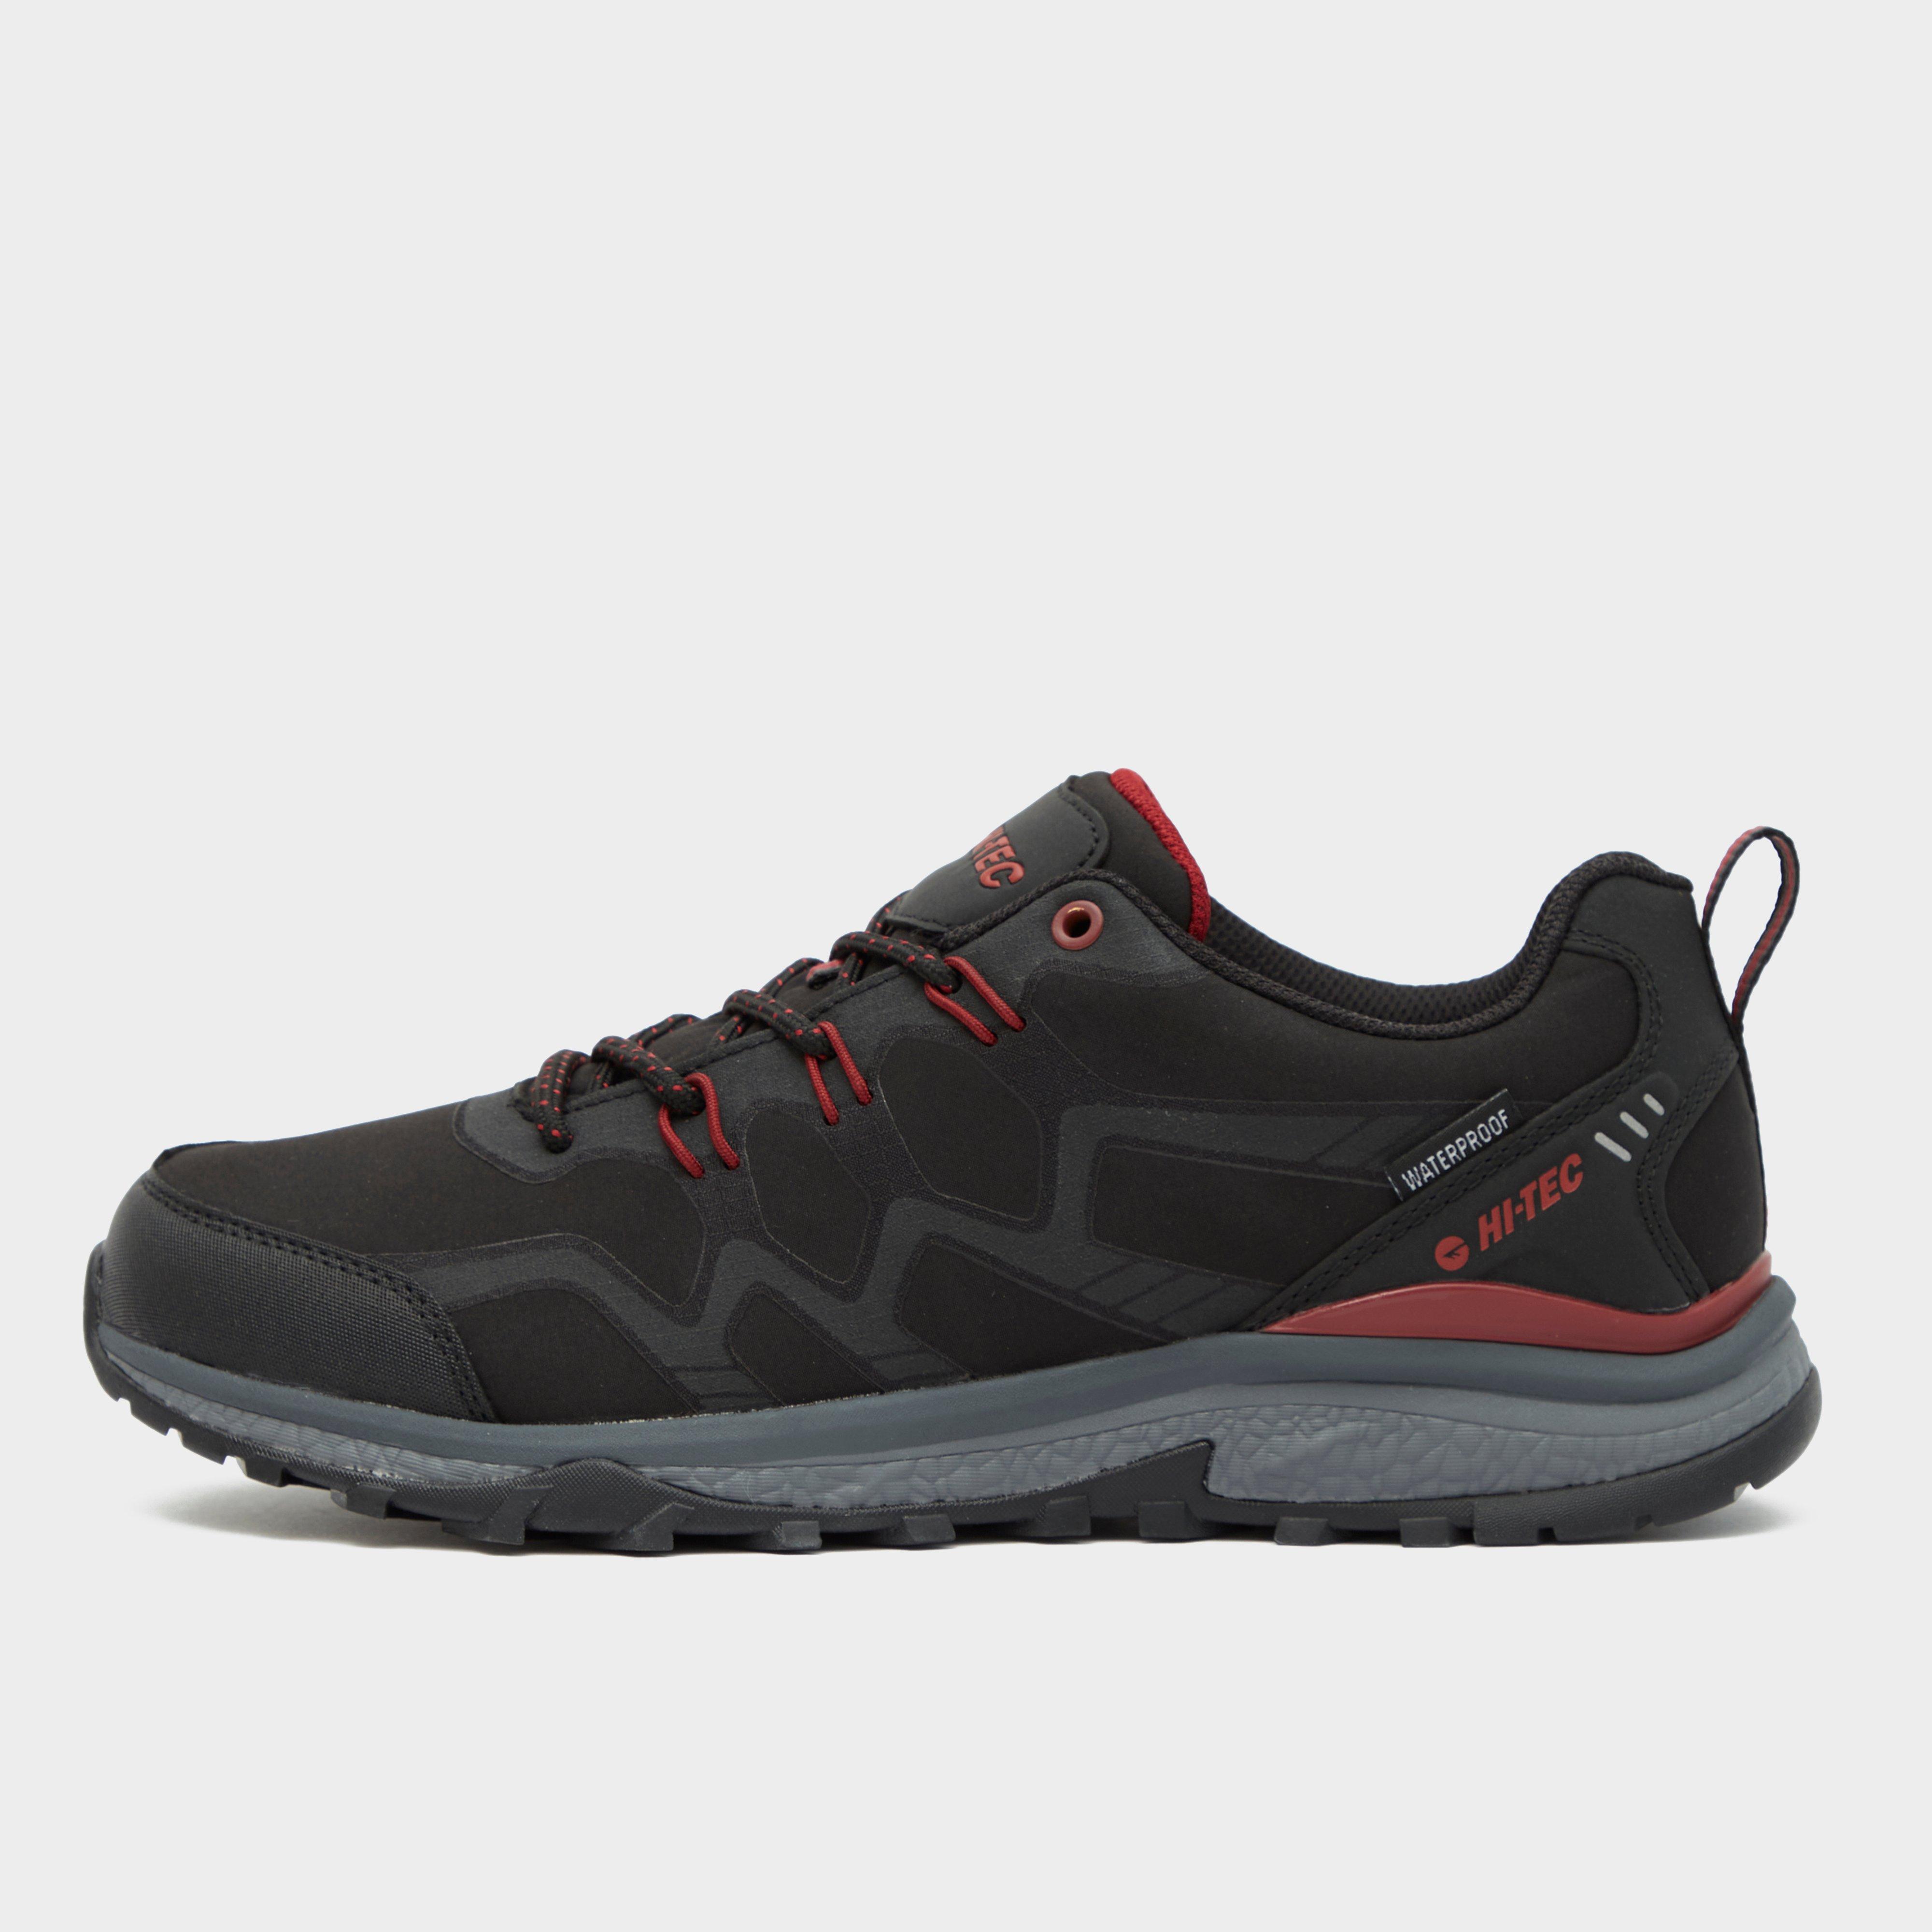 Hi Tec Men's Cyclone Waterproof Shoes - Black/Red, Black/Red